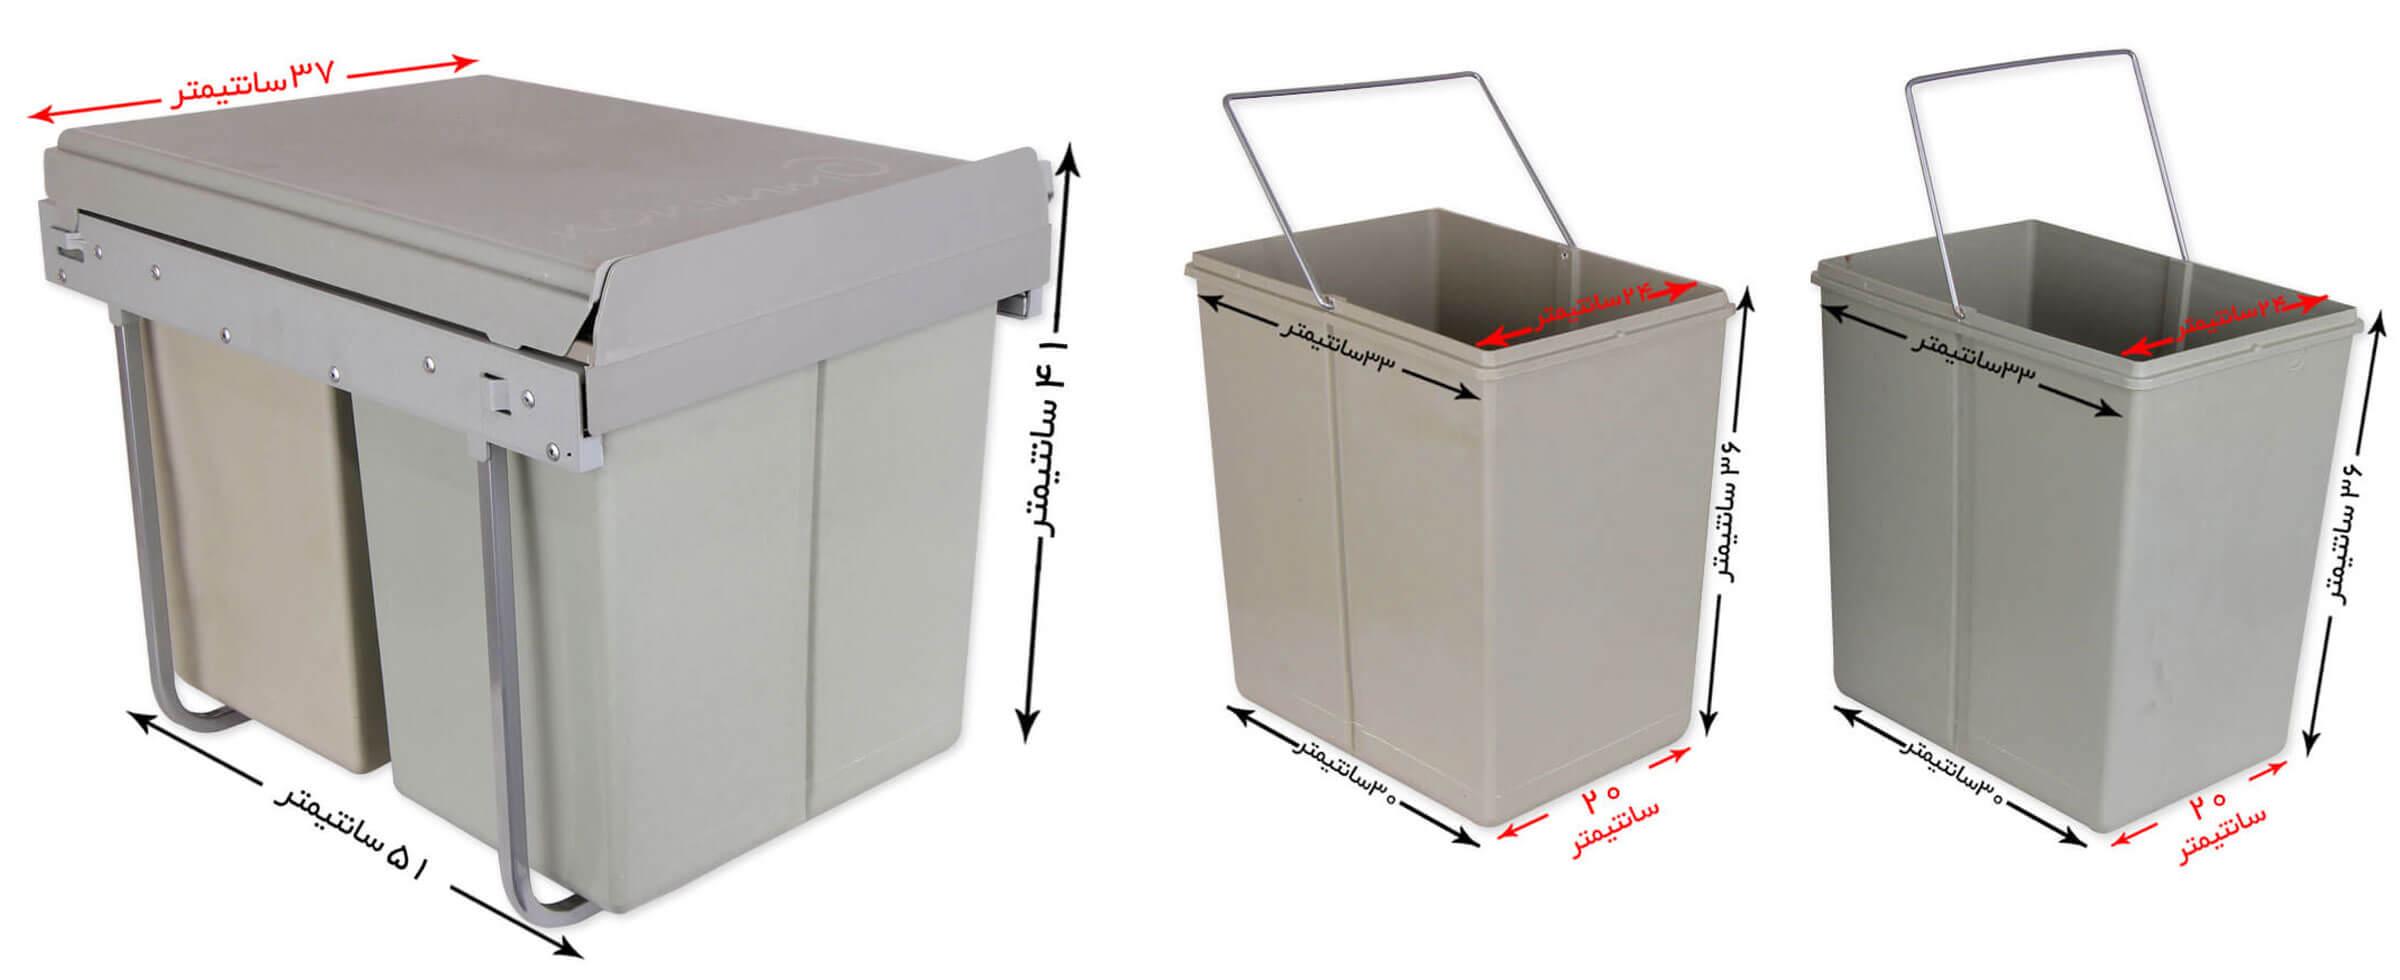 سطل زباله دو مخزنه سیمتال بزرگ